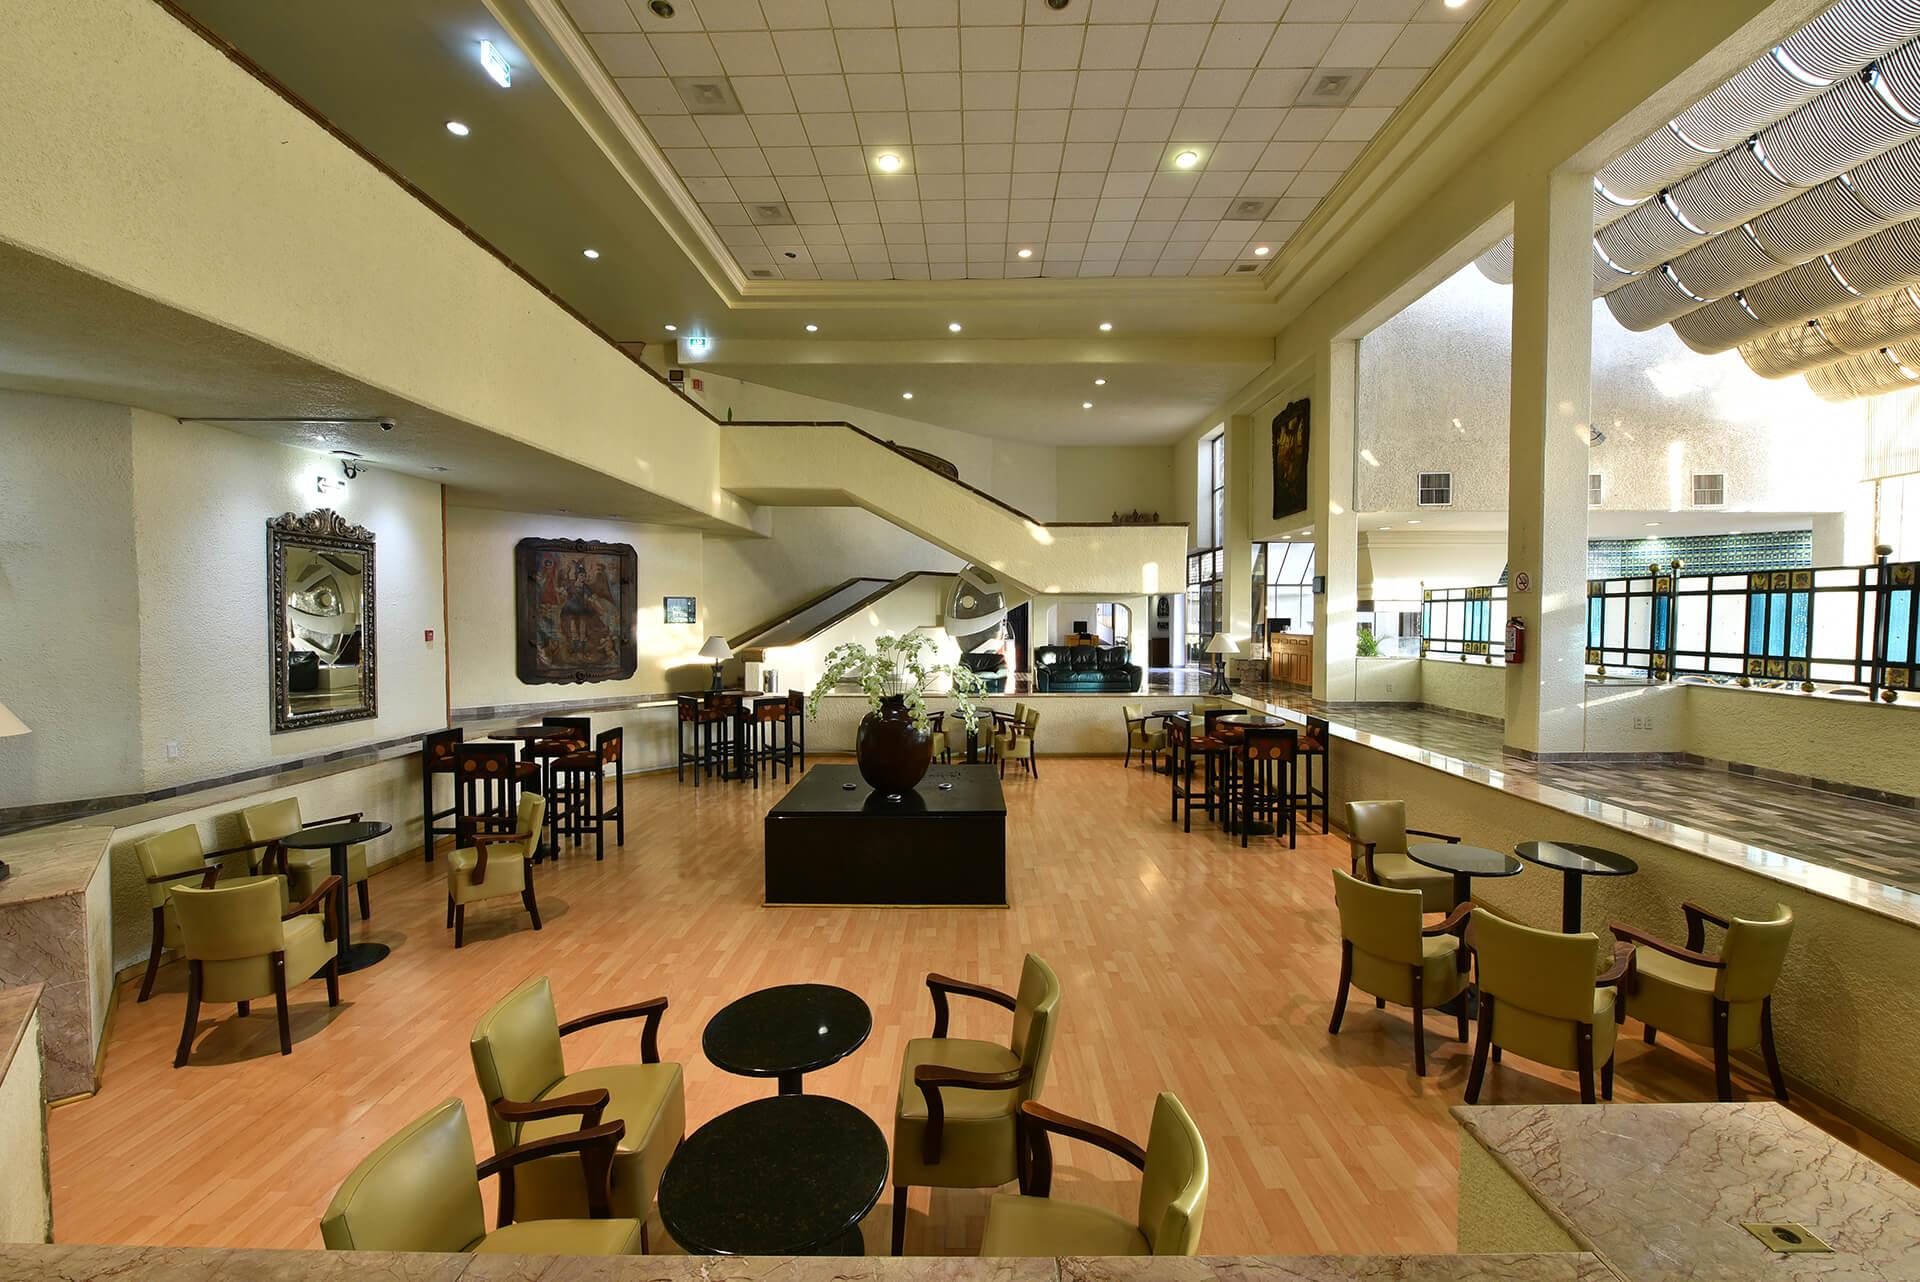 Holiday Inn Morelia - Imagen 3